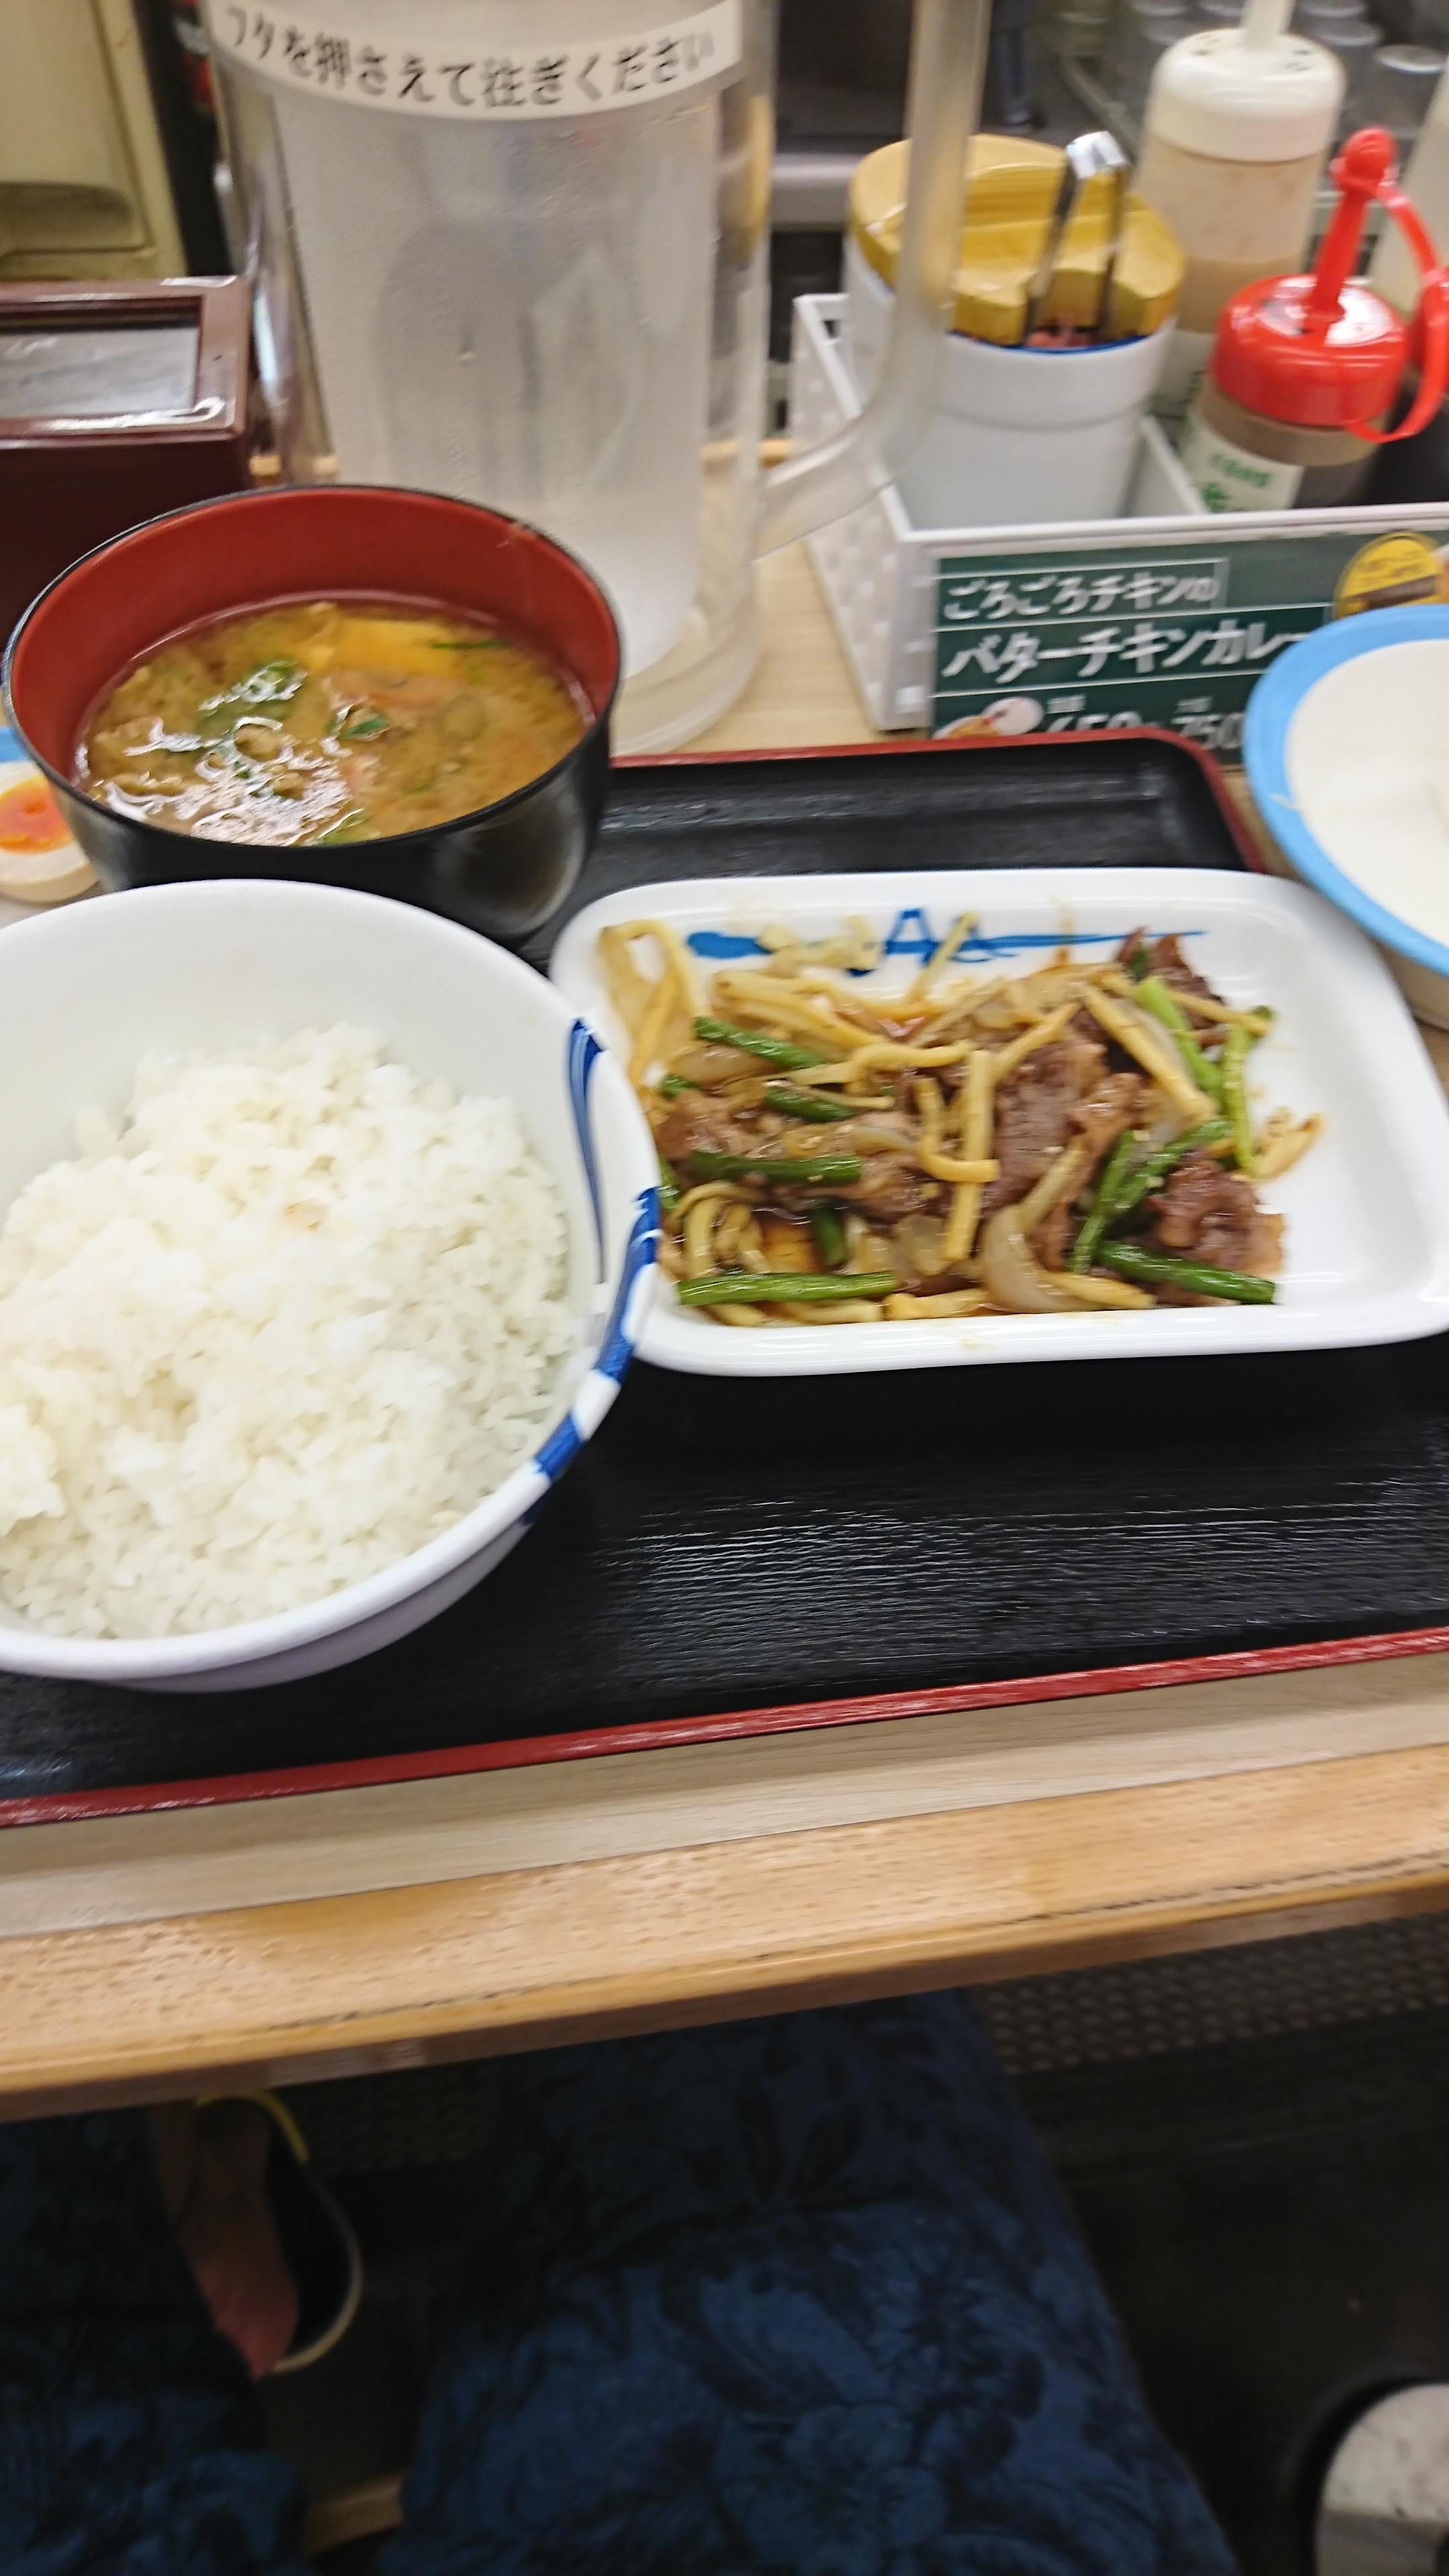 【画像】松屋で朝ごはん食べてるンゴ